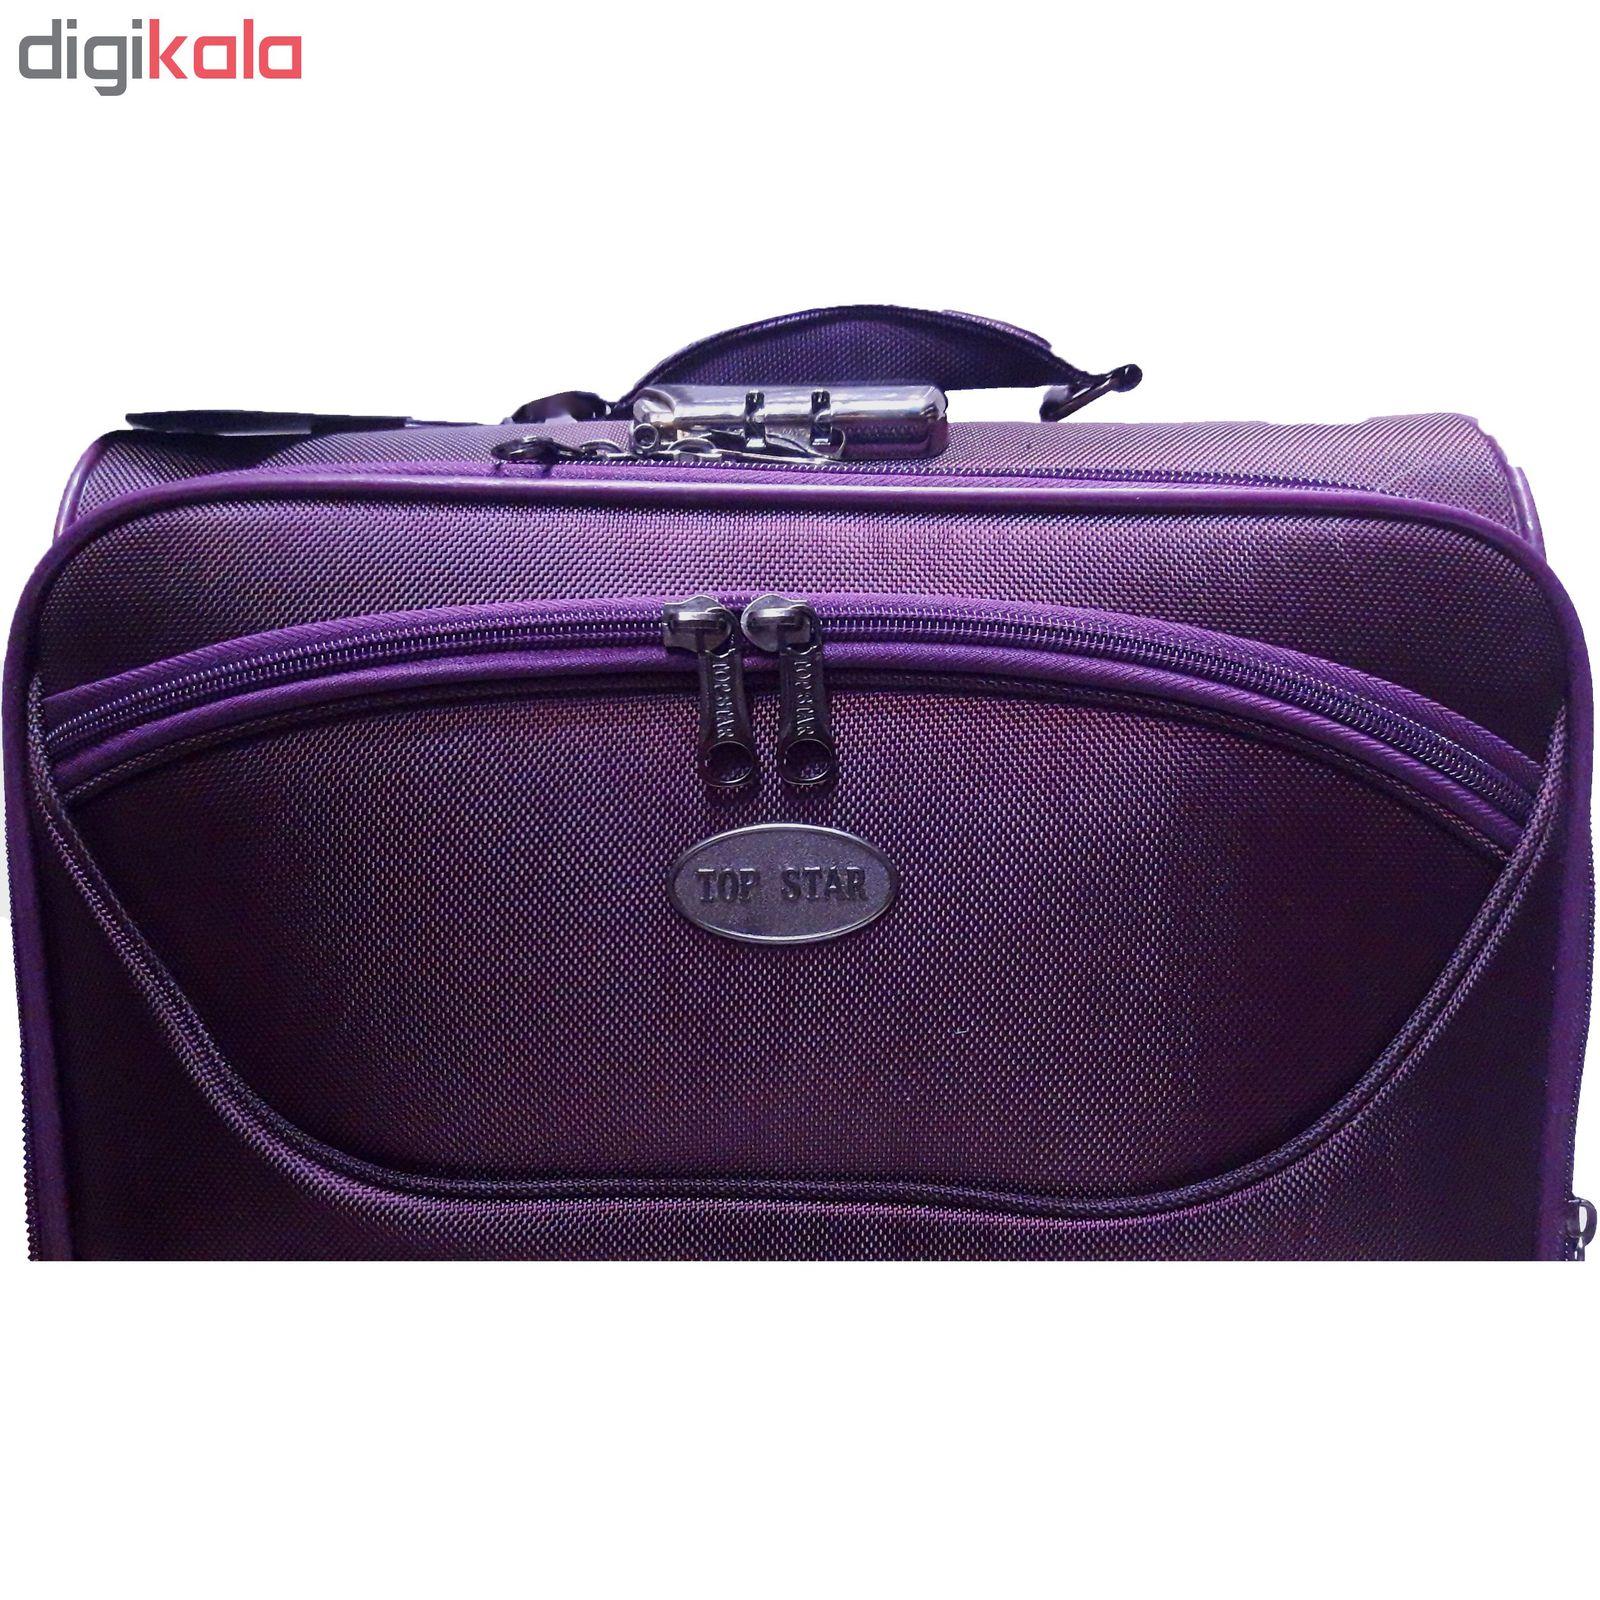 مجموعه سه عددی چمدان تاپ استار مدل t3 main 1 4